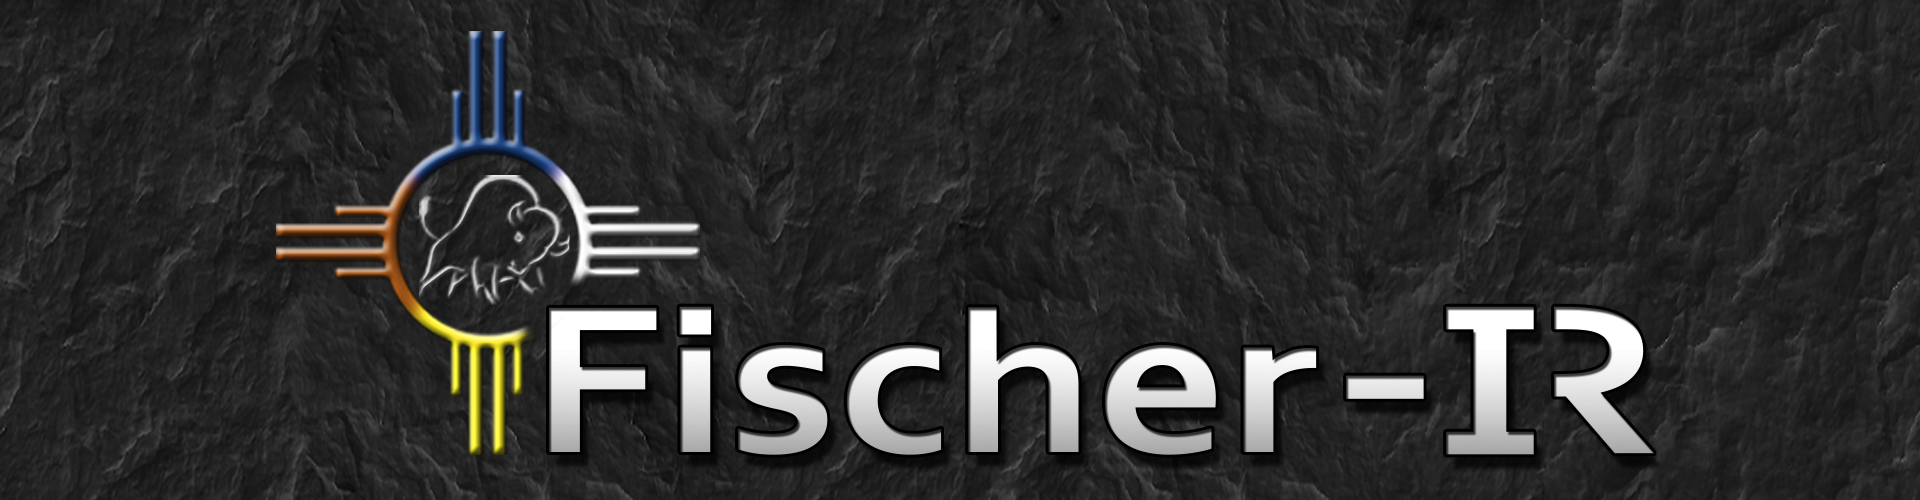 Logo_Fischer_011